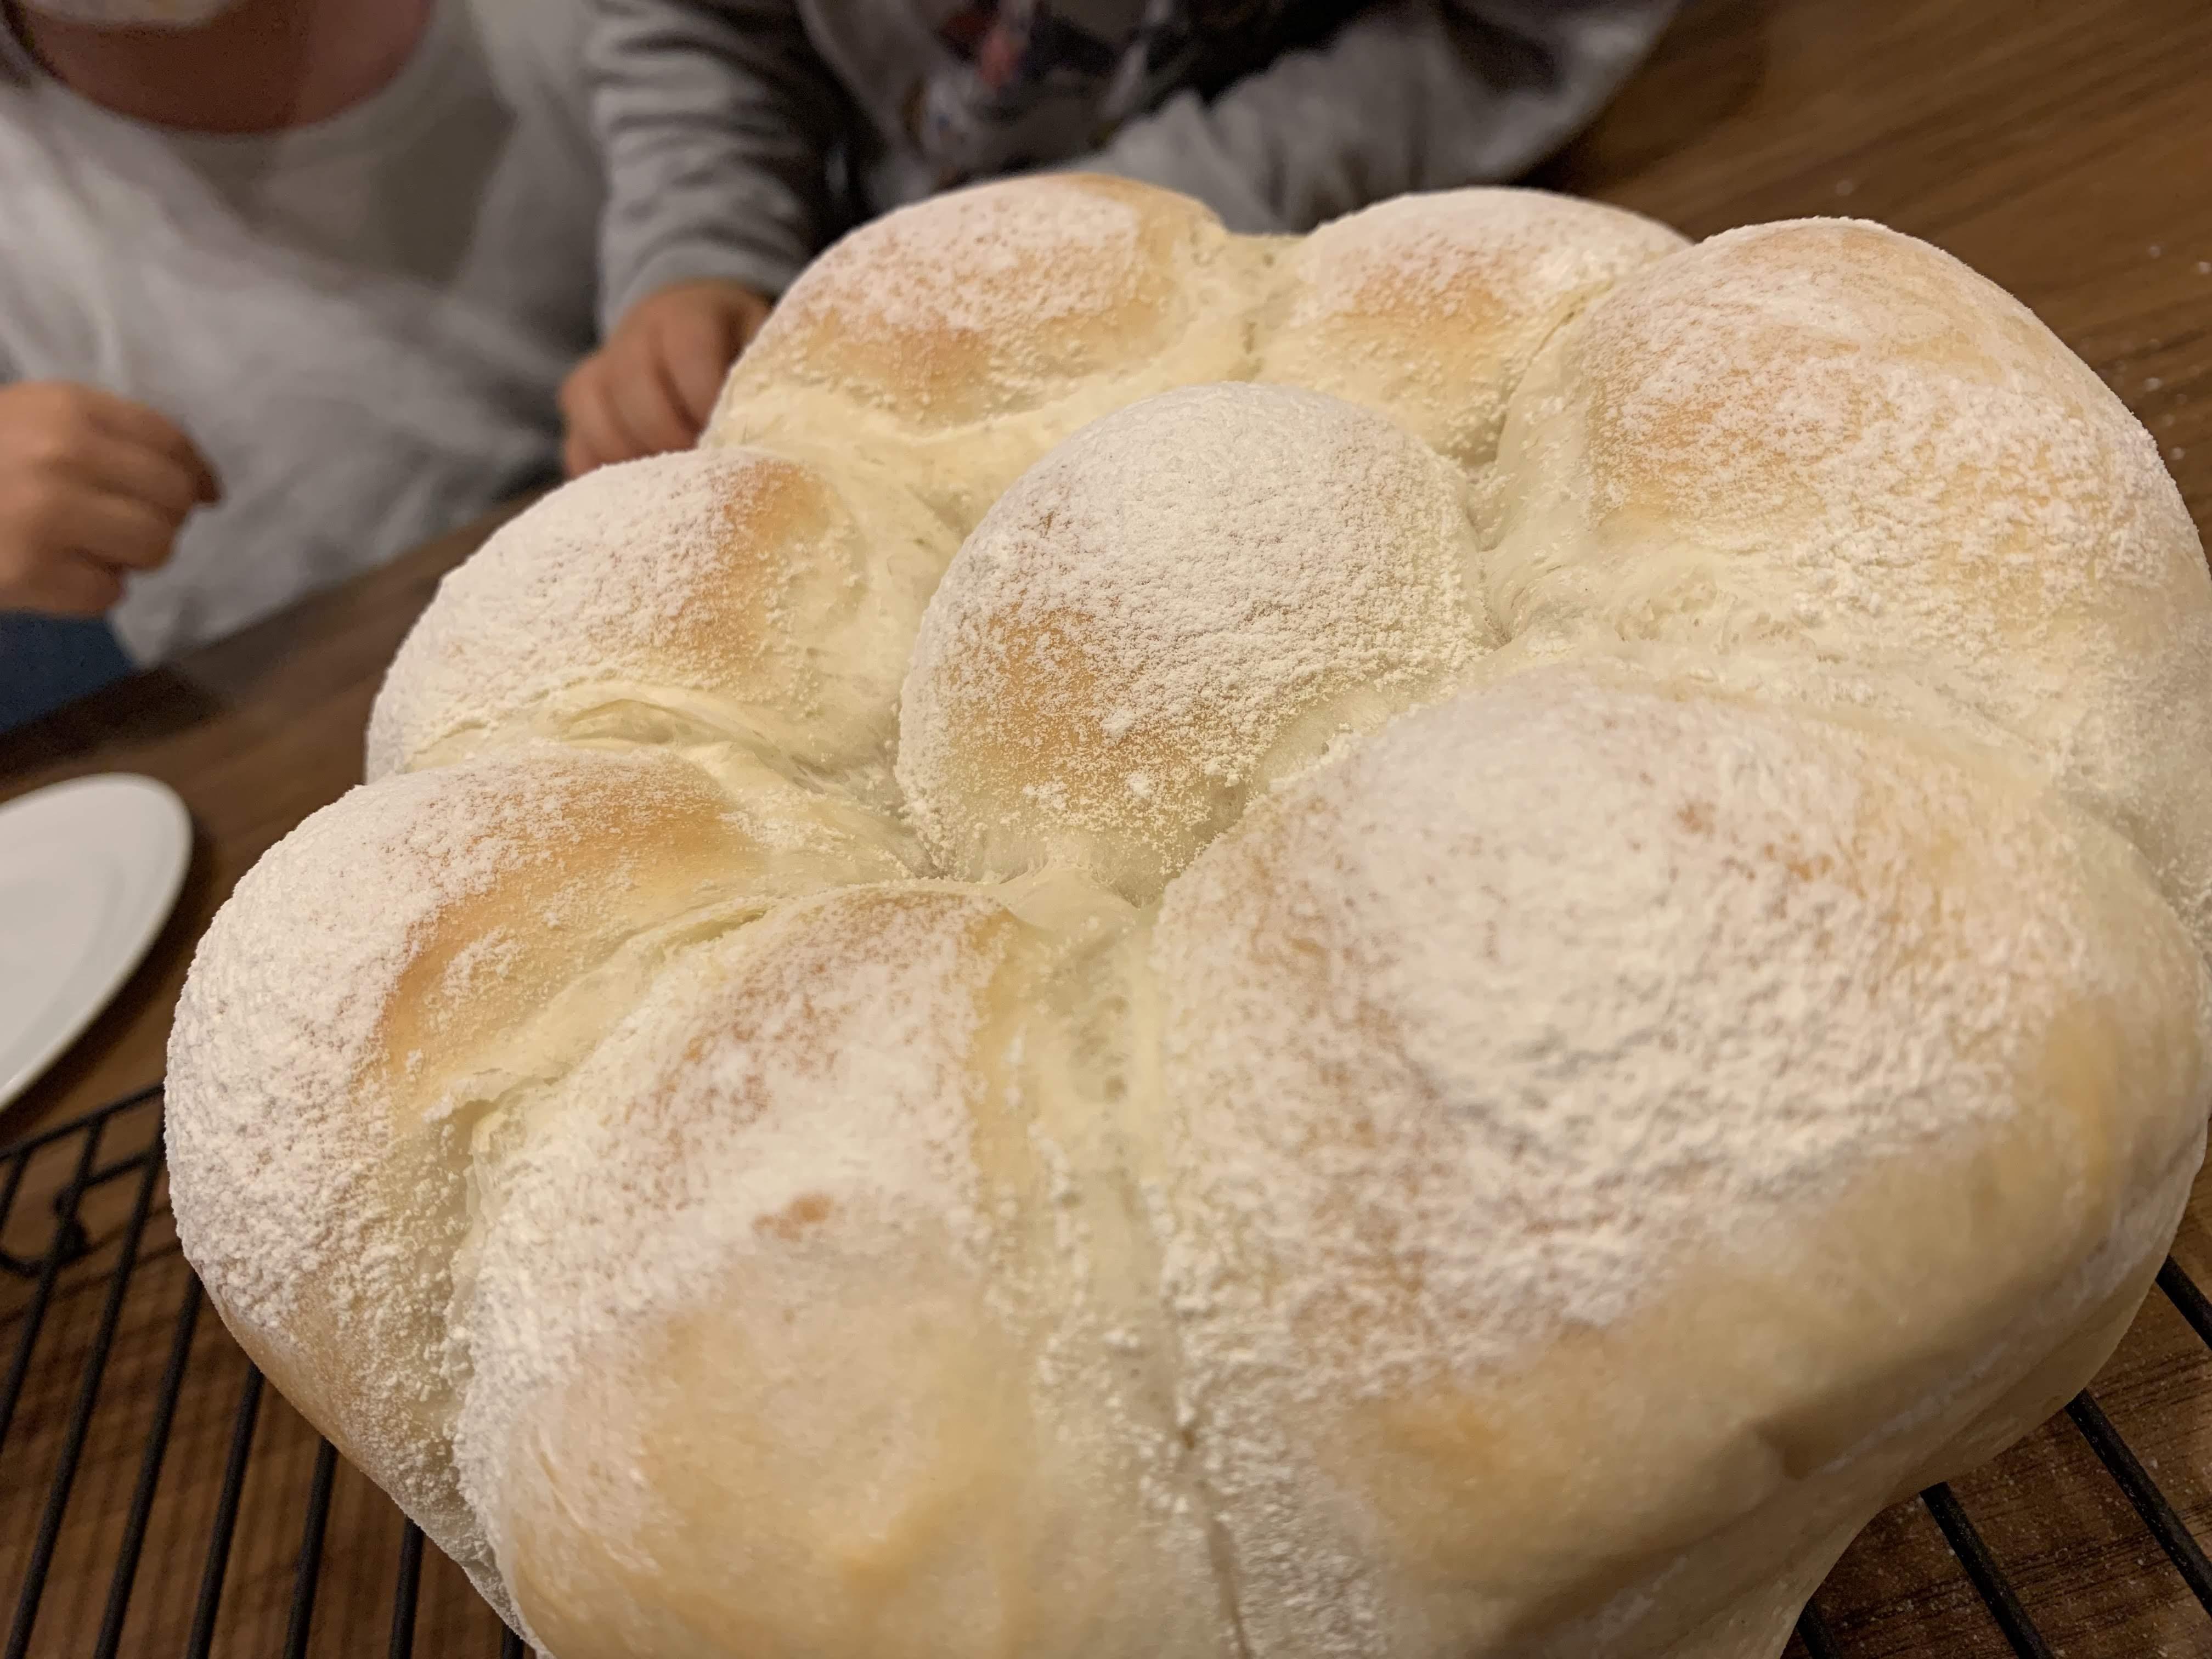 子供と室内で時間潰し提案:風邪や雨の日に!親子でパン作り